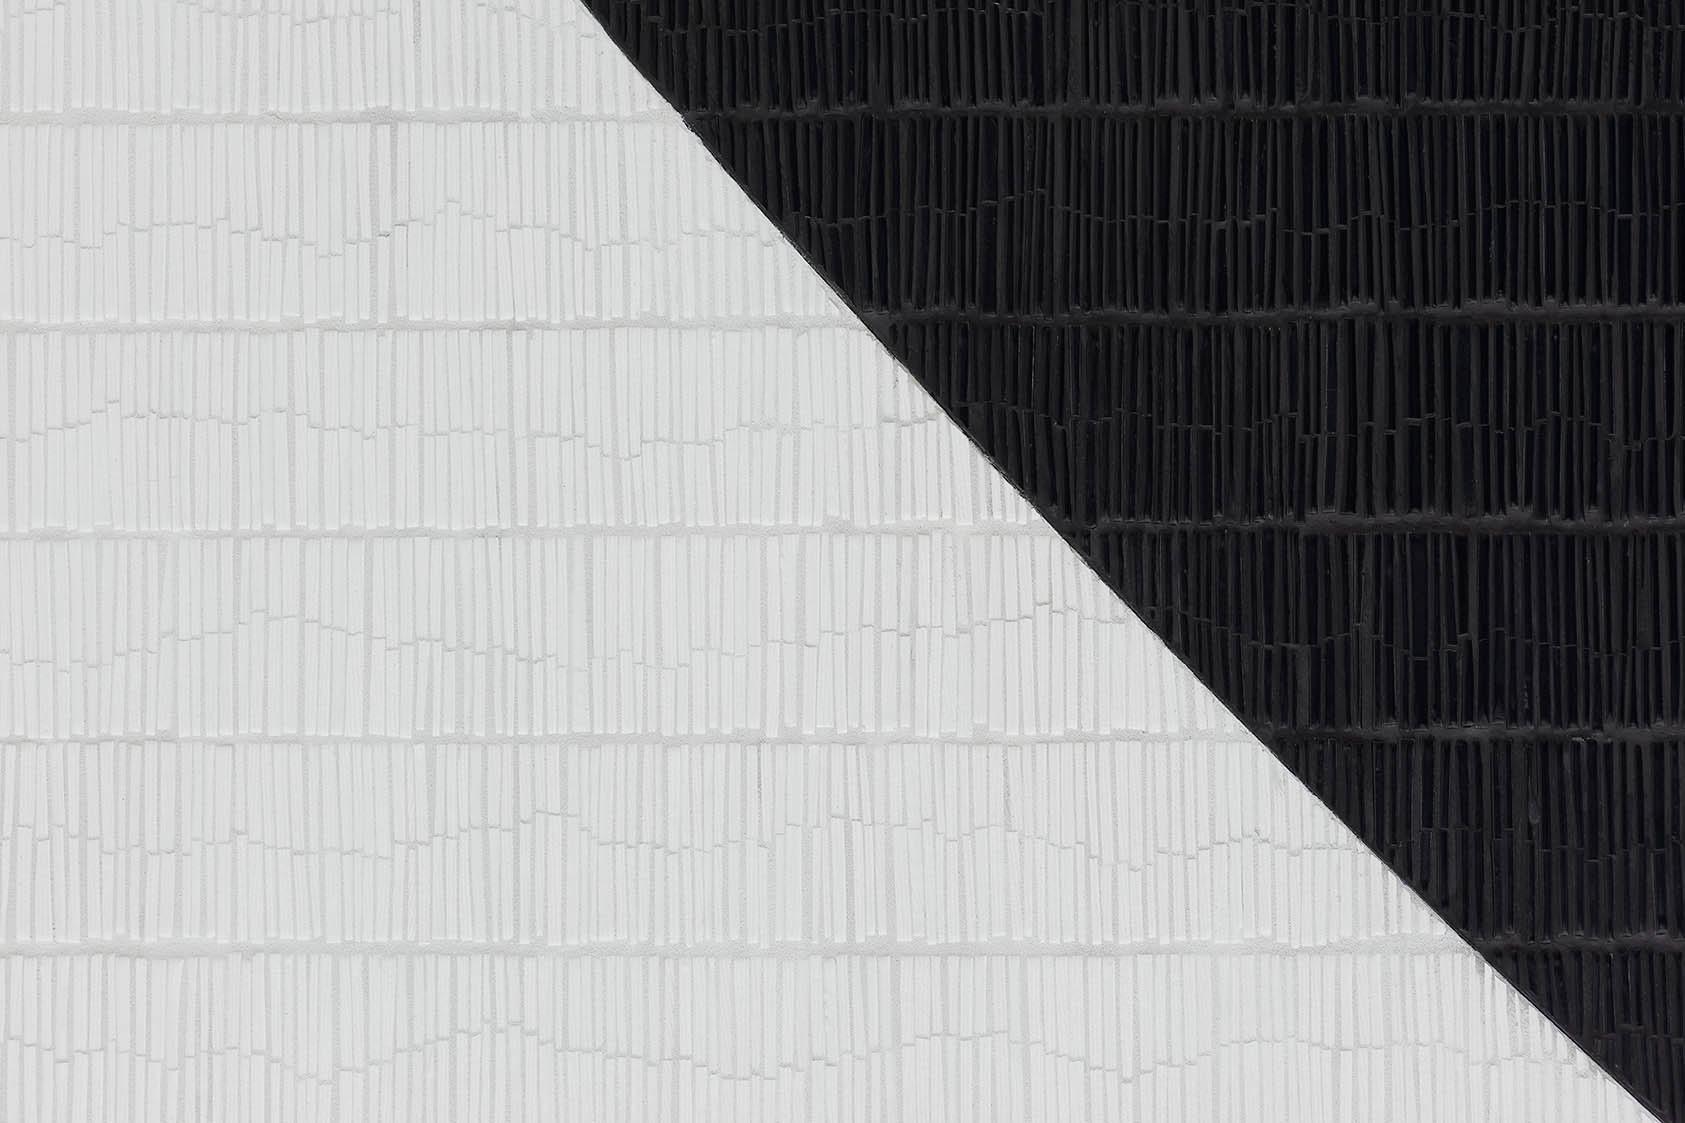 Micah Lexier 2 Circles Dot closeup